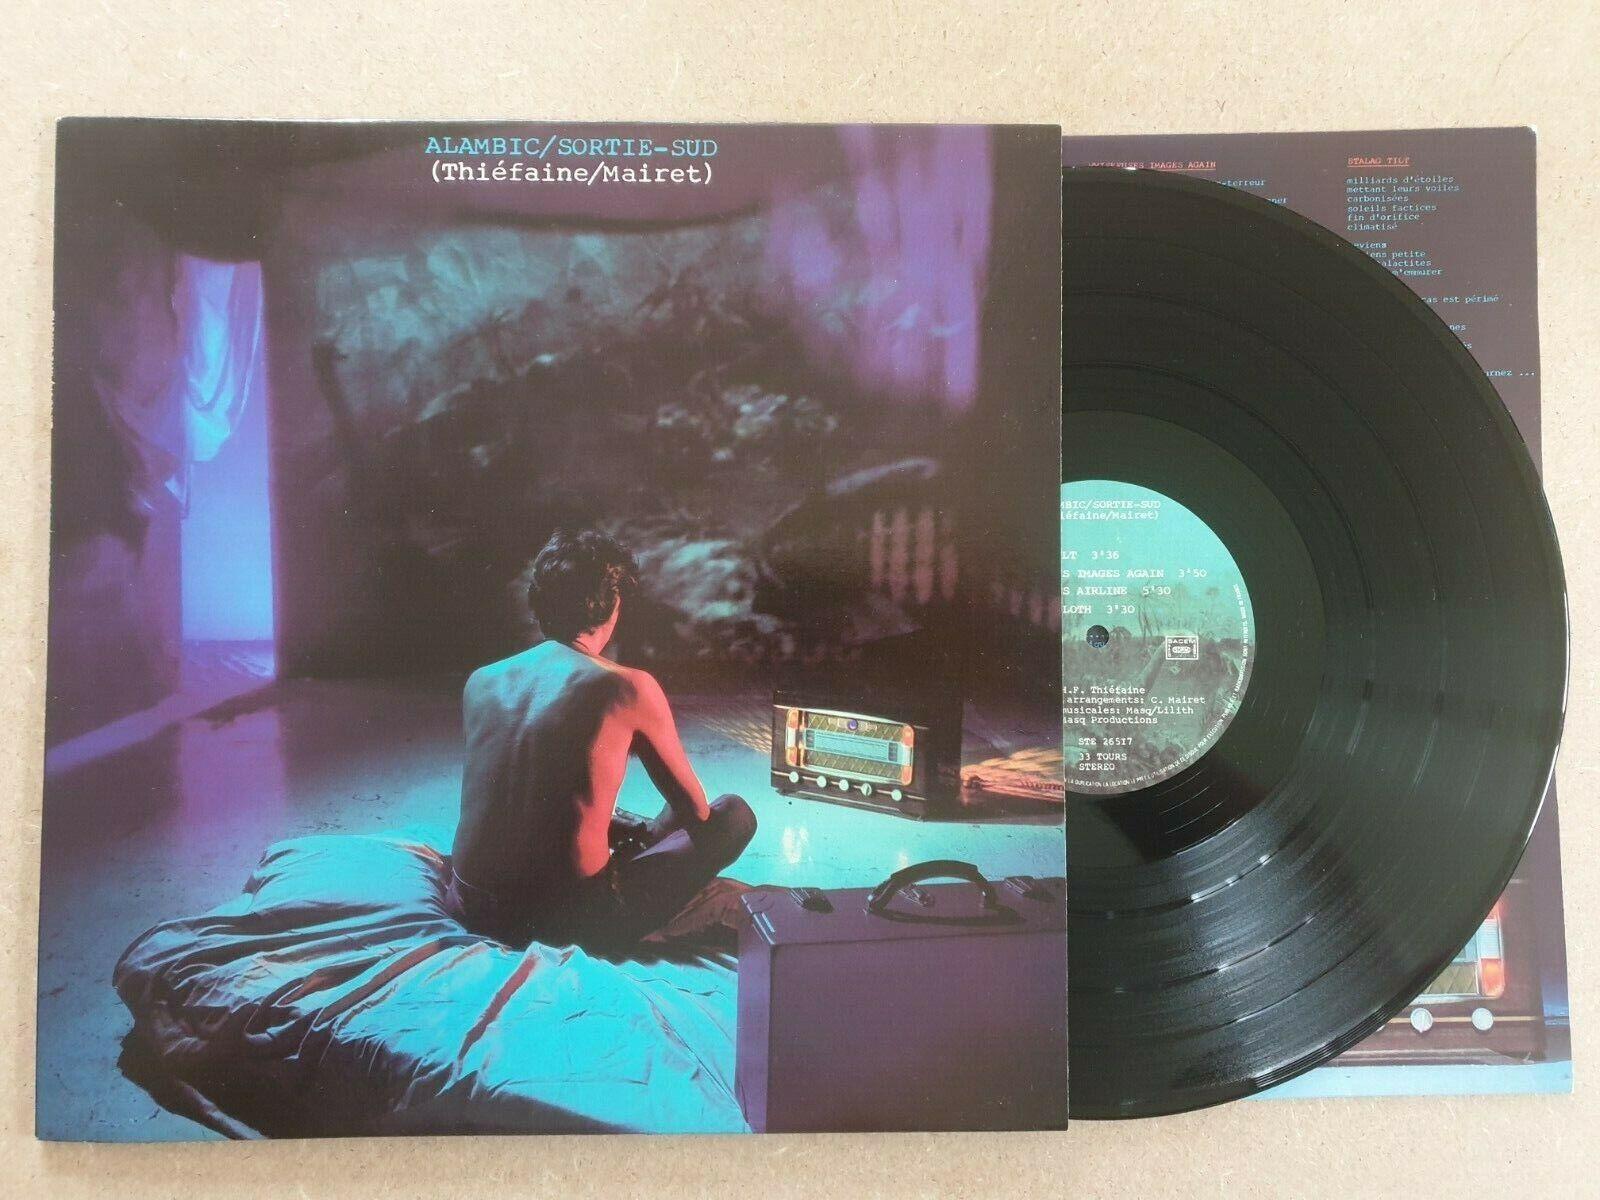 H.f. thiefaine / mairet alambic / sortie sud ste 26517 vinyl album lp